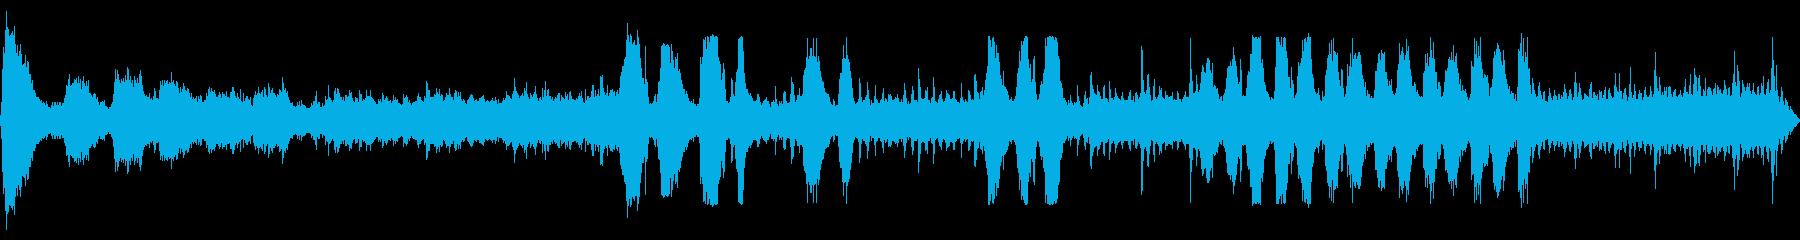 パドルホイールリバーボート:スチー...の再生済みの波形